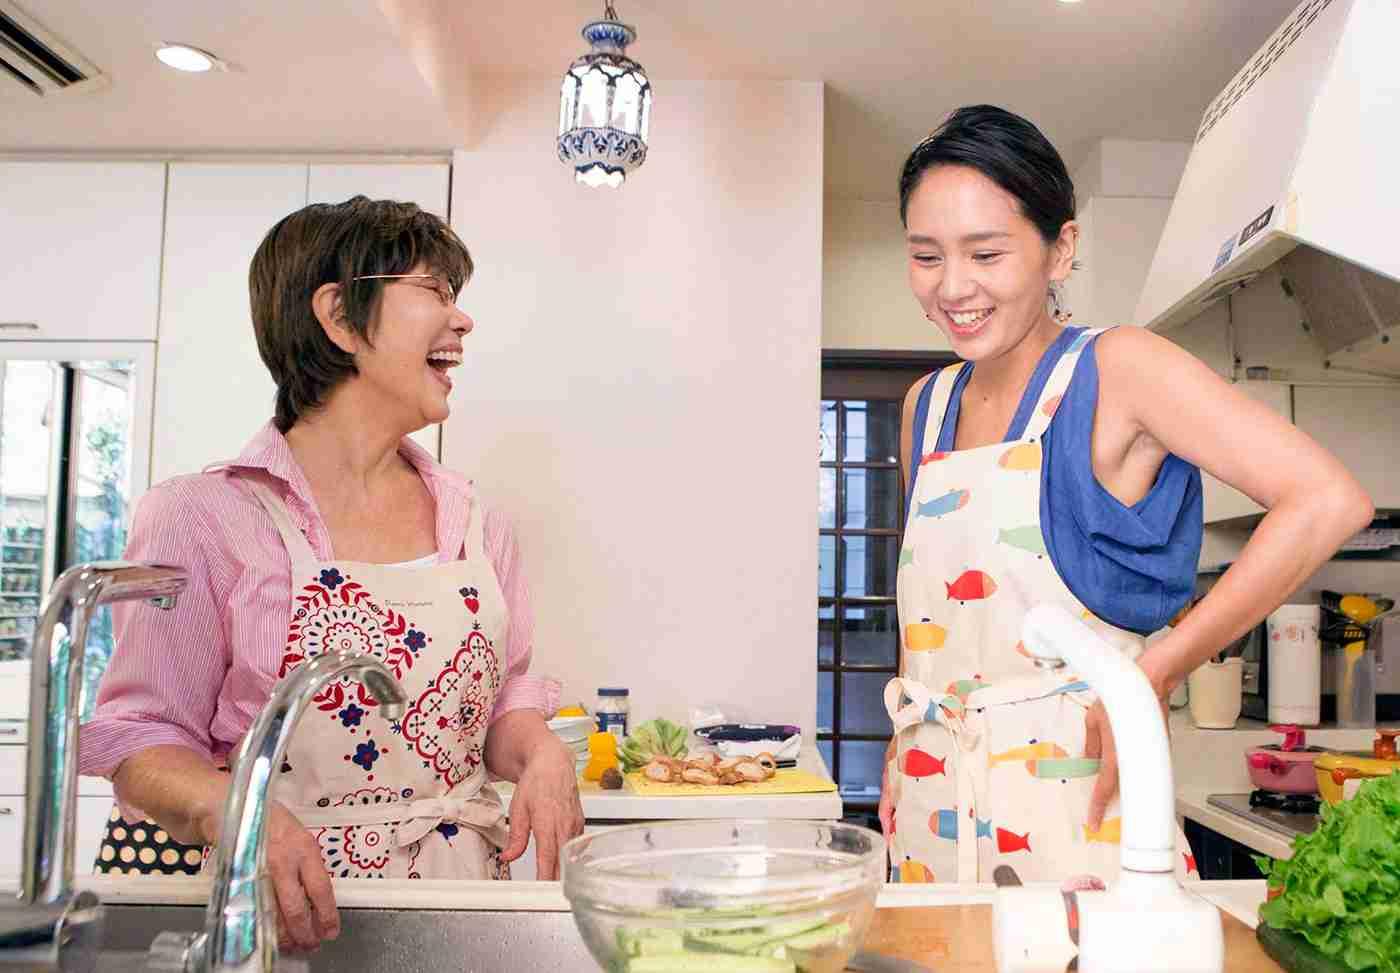 レミさんは、お義母さん / remy(レミー)| 幸せはキッチンから。| 平野レミ公式サイト